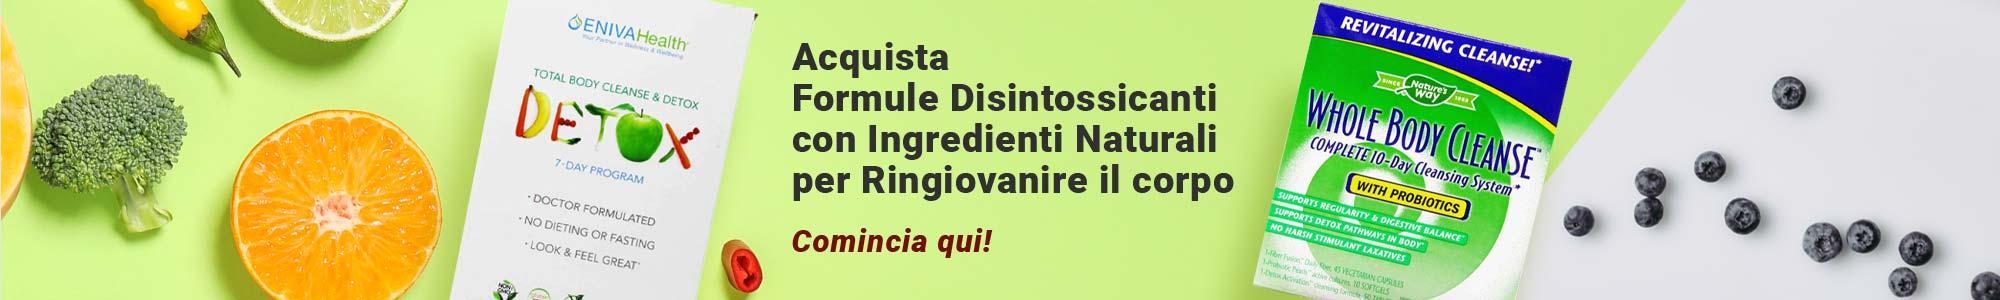 Acquista Formule Disintossicanti con Ingredienti Naturali per Ringiovanire il corpo Comincia qui!